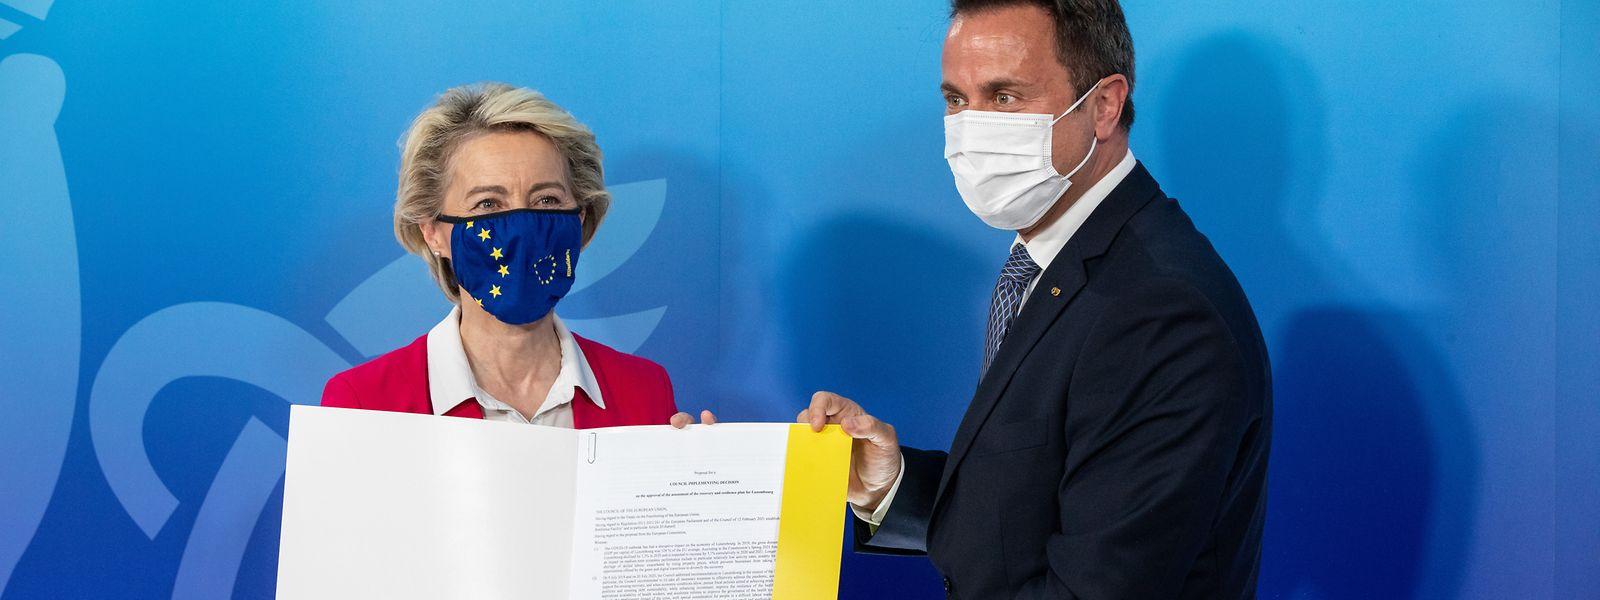 Ursula von der Leyen nahm Luxemburgs Aufbaupläne Mitte Juni an.